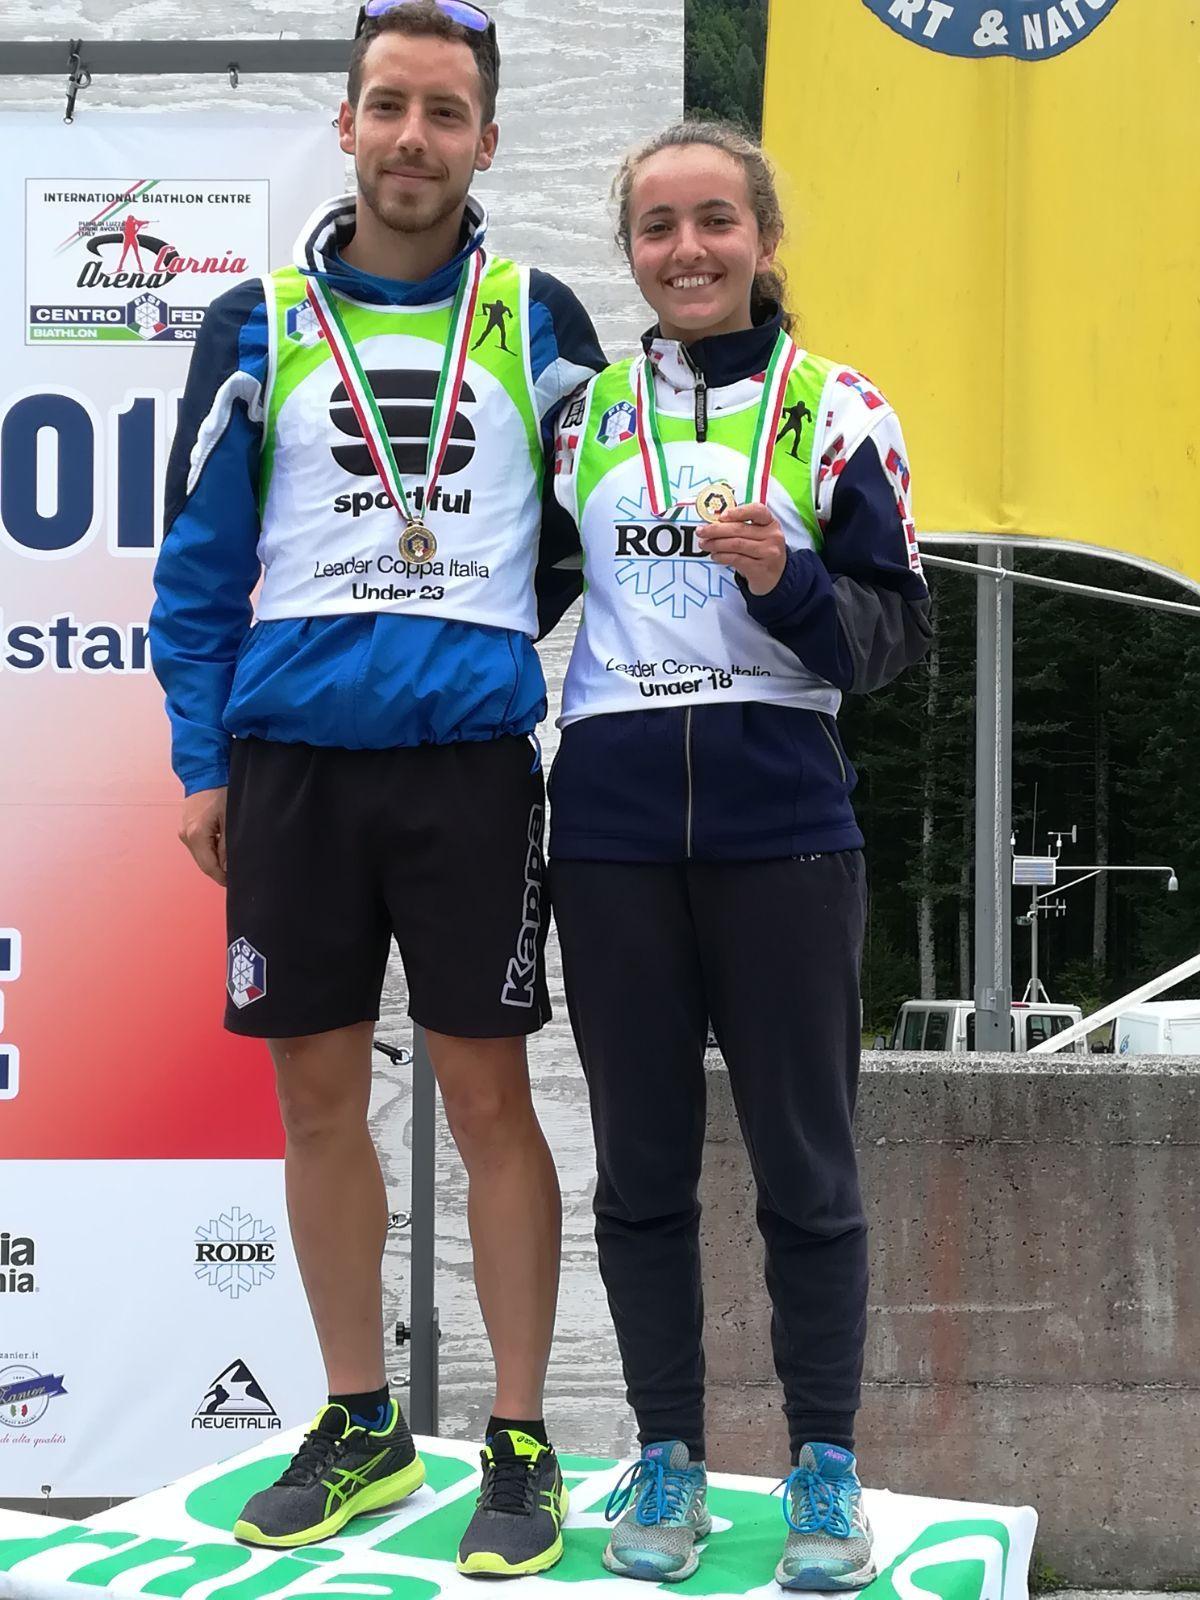 La Guida - Elisa Sordello e Lorenzo Romano campioni d'Italia di skiroll